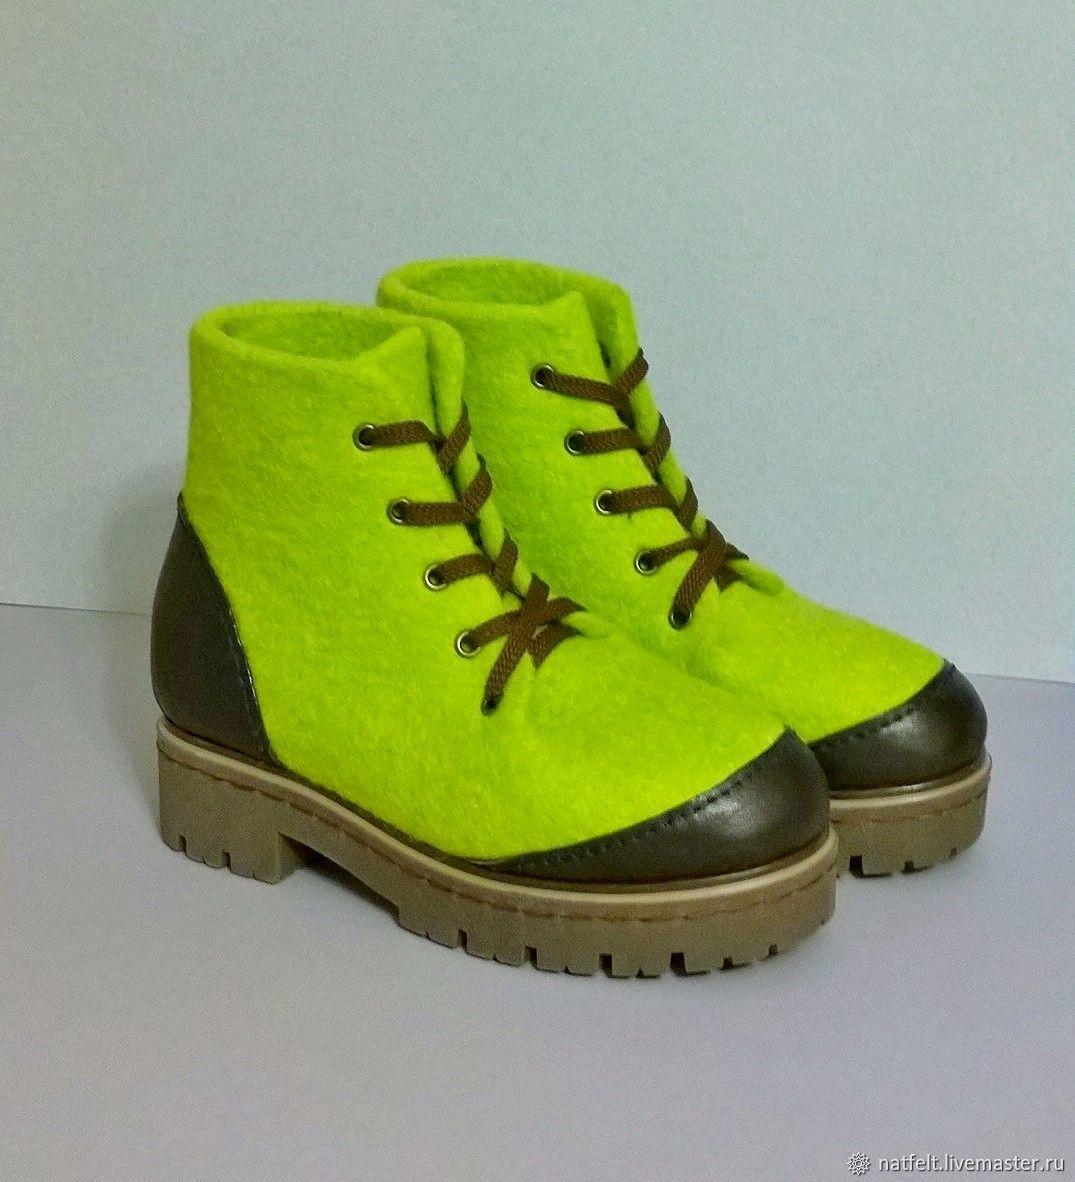 8bbff0683 Обувь ручной работы. Ярмарка Мастеров - ручная работа. Купить Валяные  ботинки 'Лайм' ...